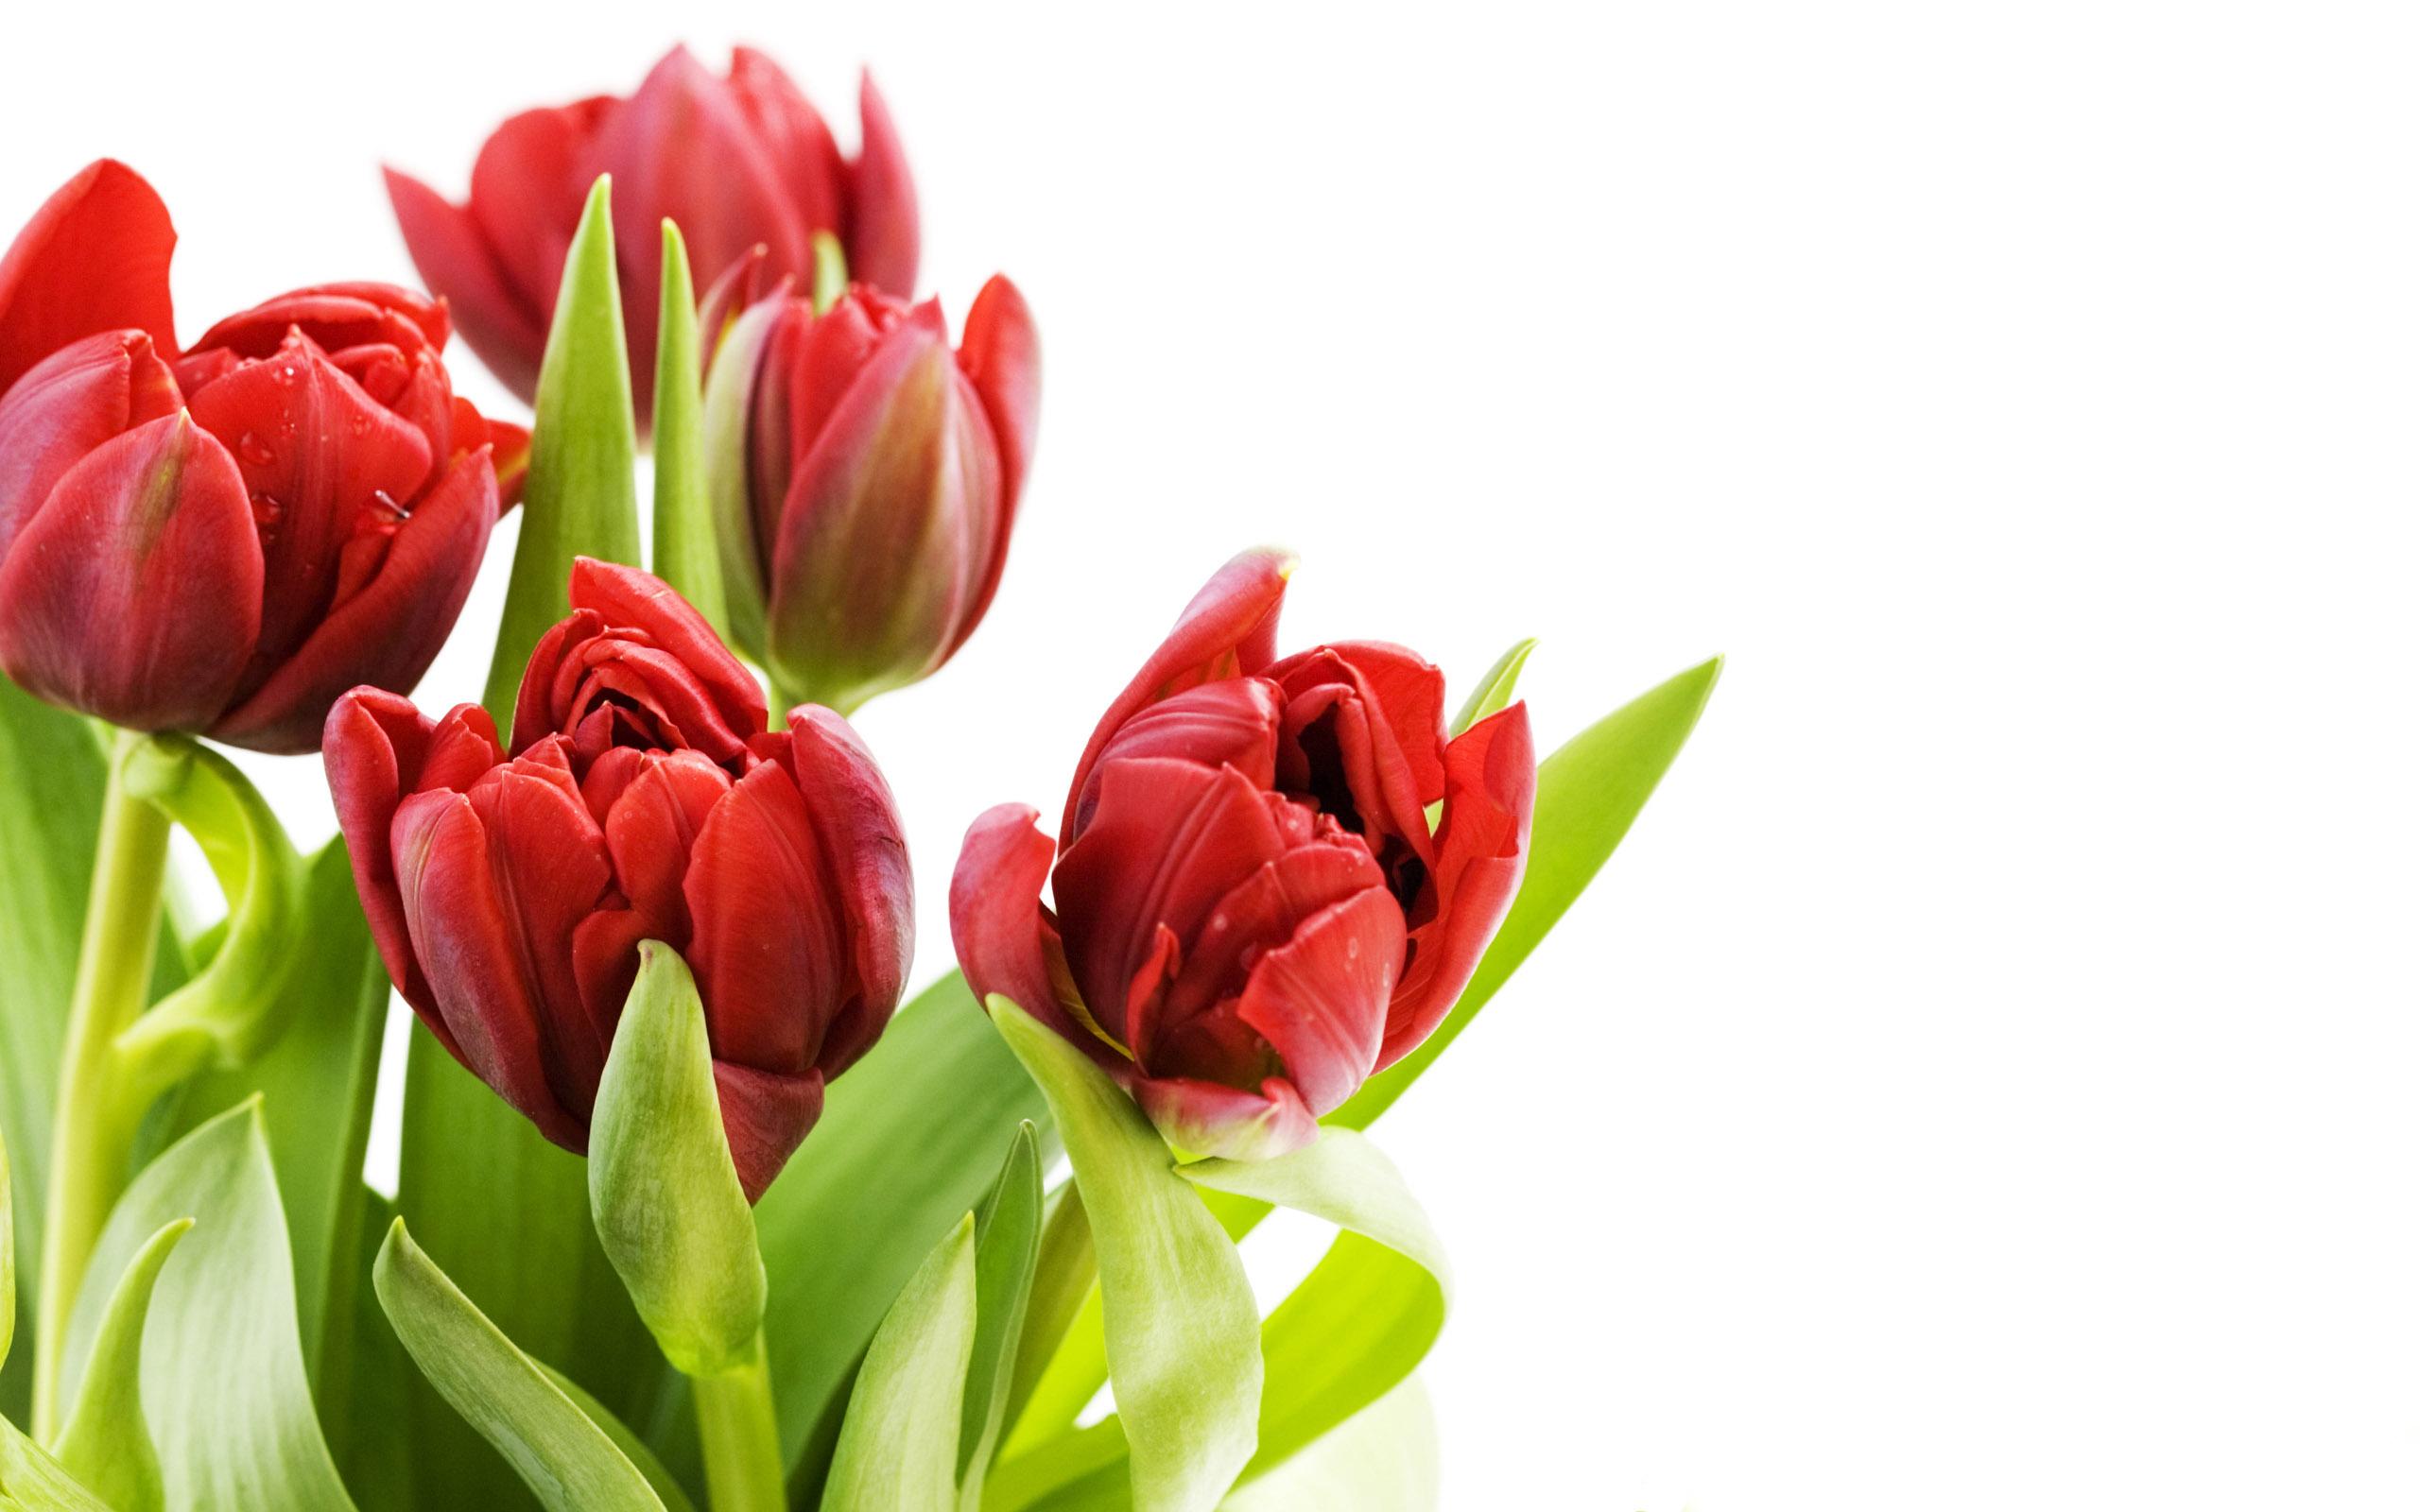 hình nền màu hồng hoa hong